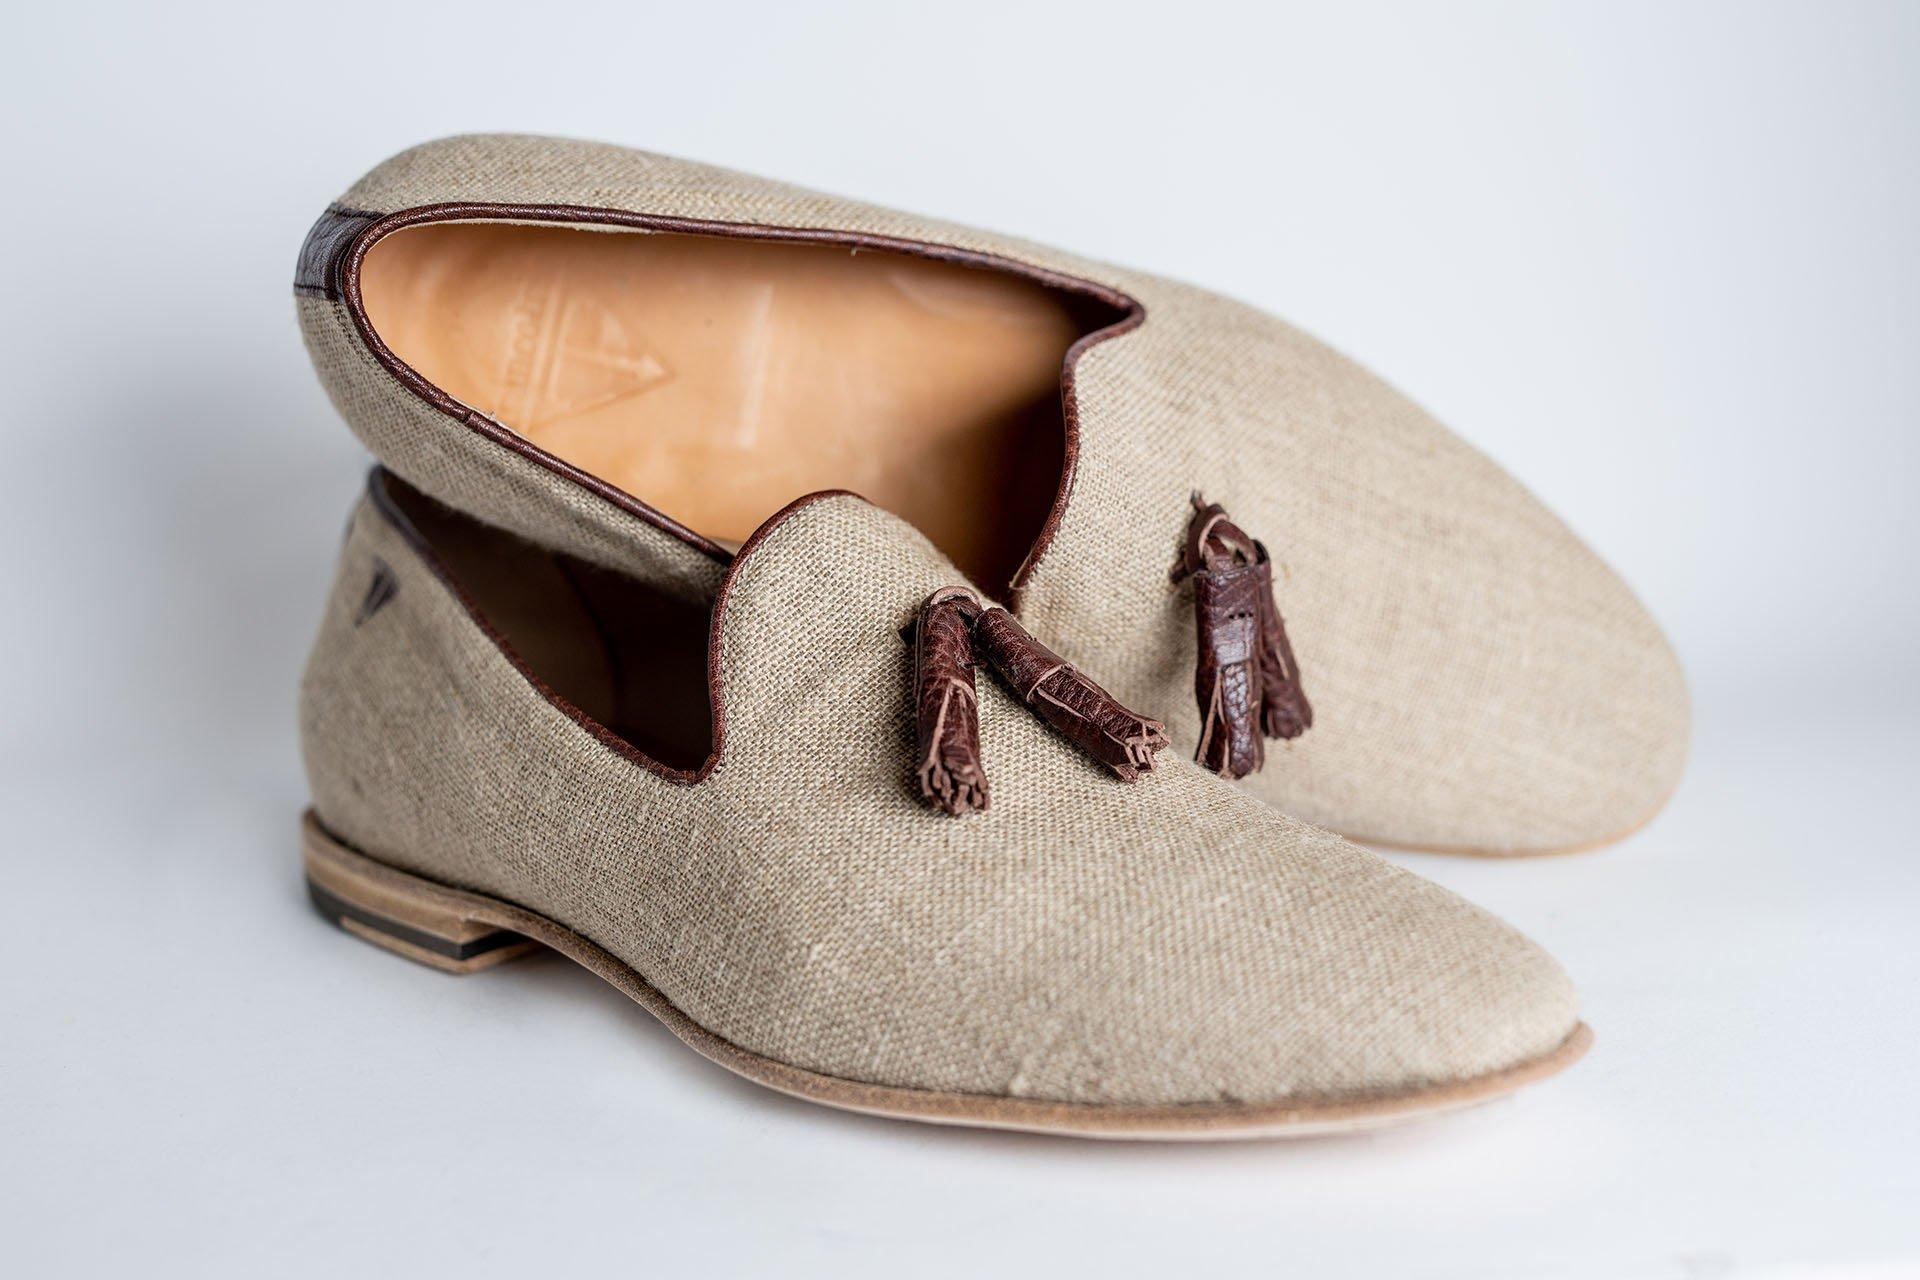 Pantofola-canapa-naturale-A2